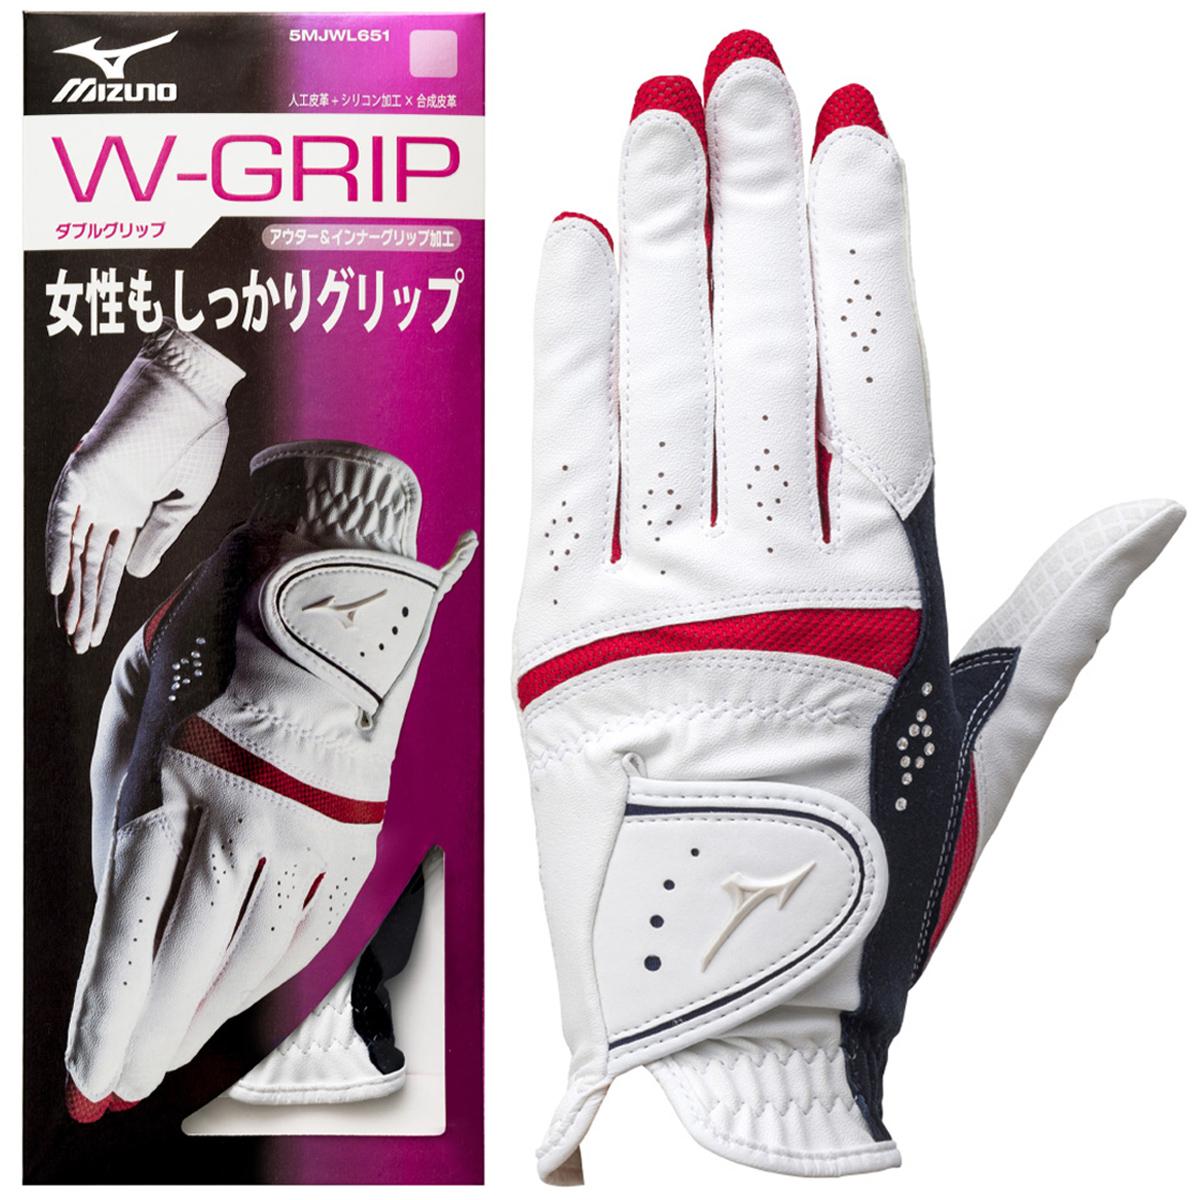 W-GRIP グローブレディス